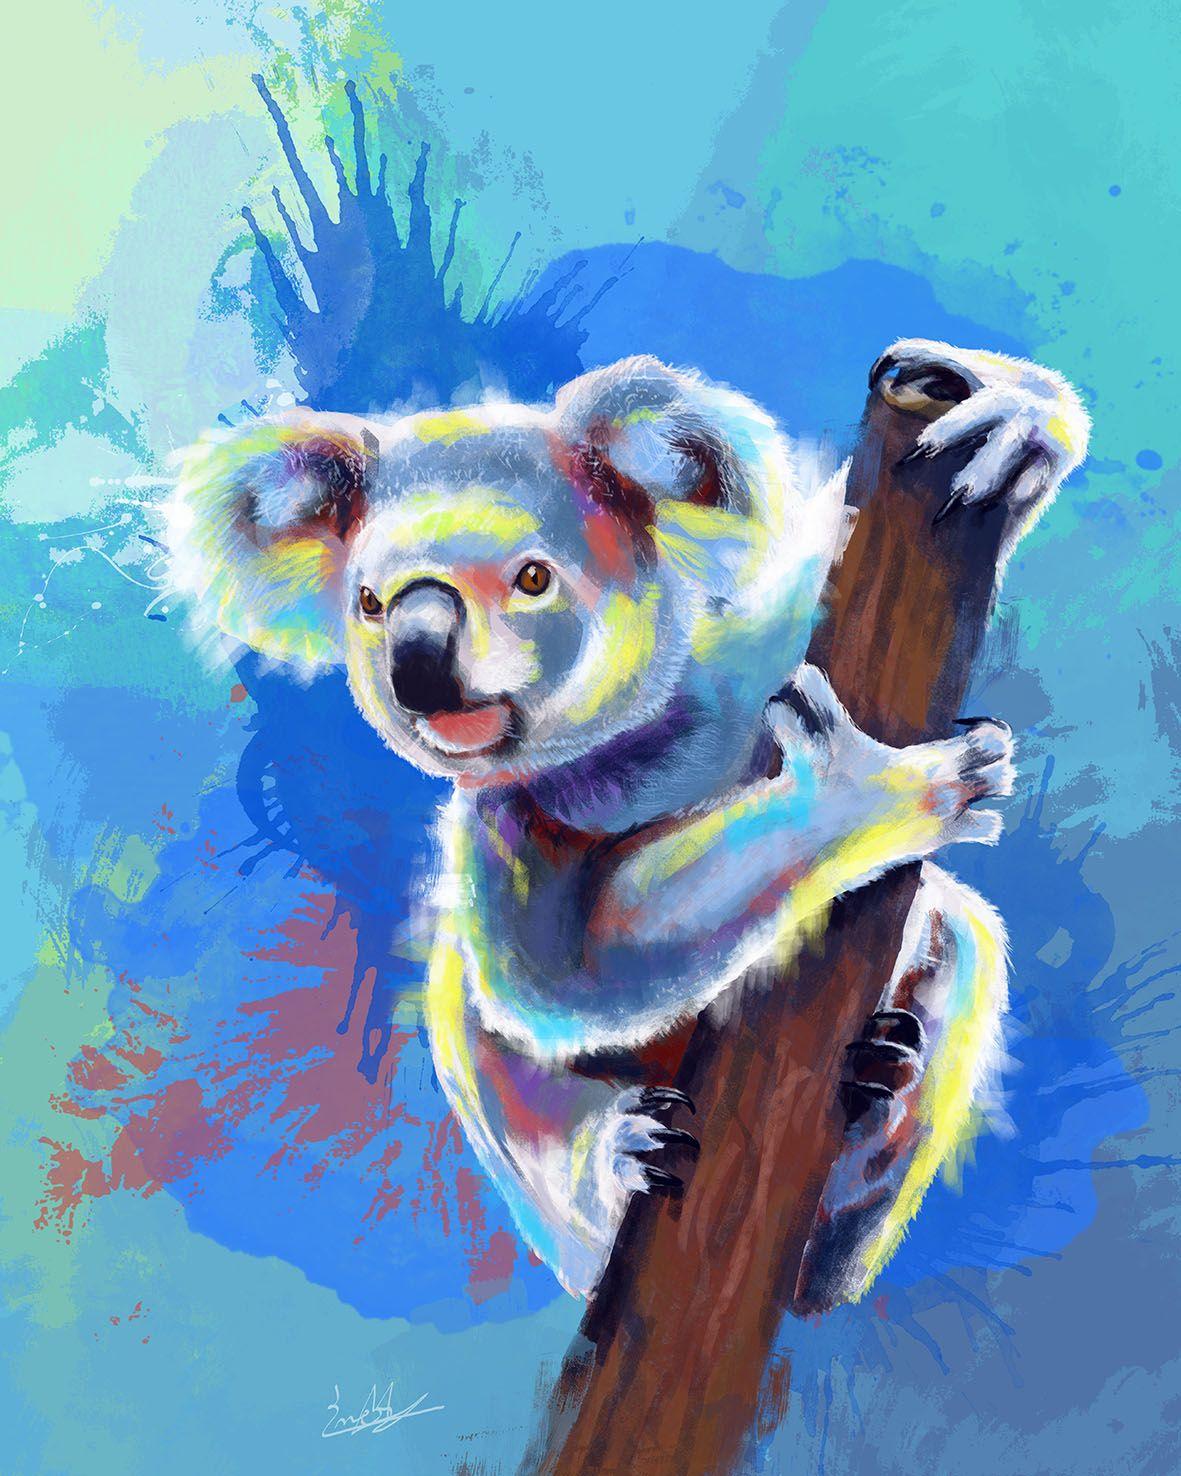 картинка коала с лисой фото ниже можно